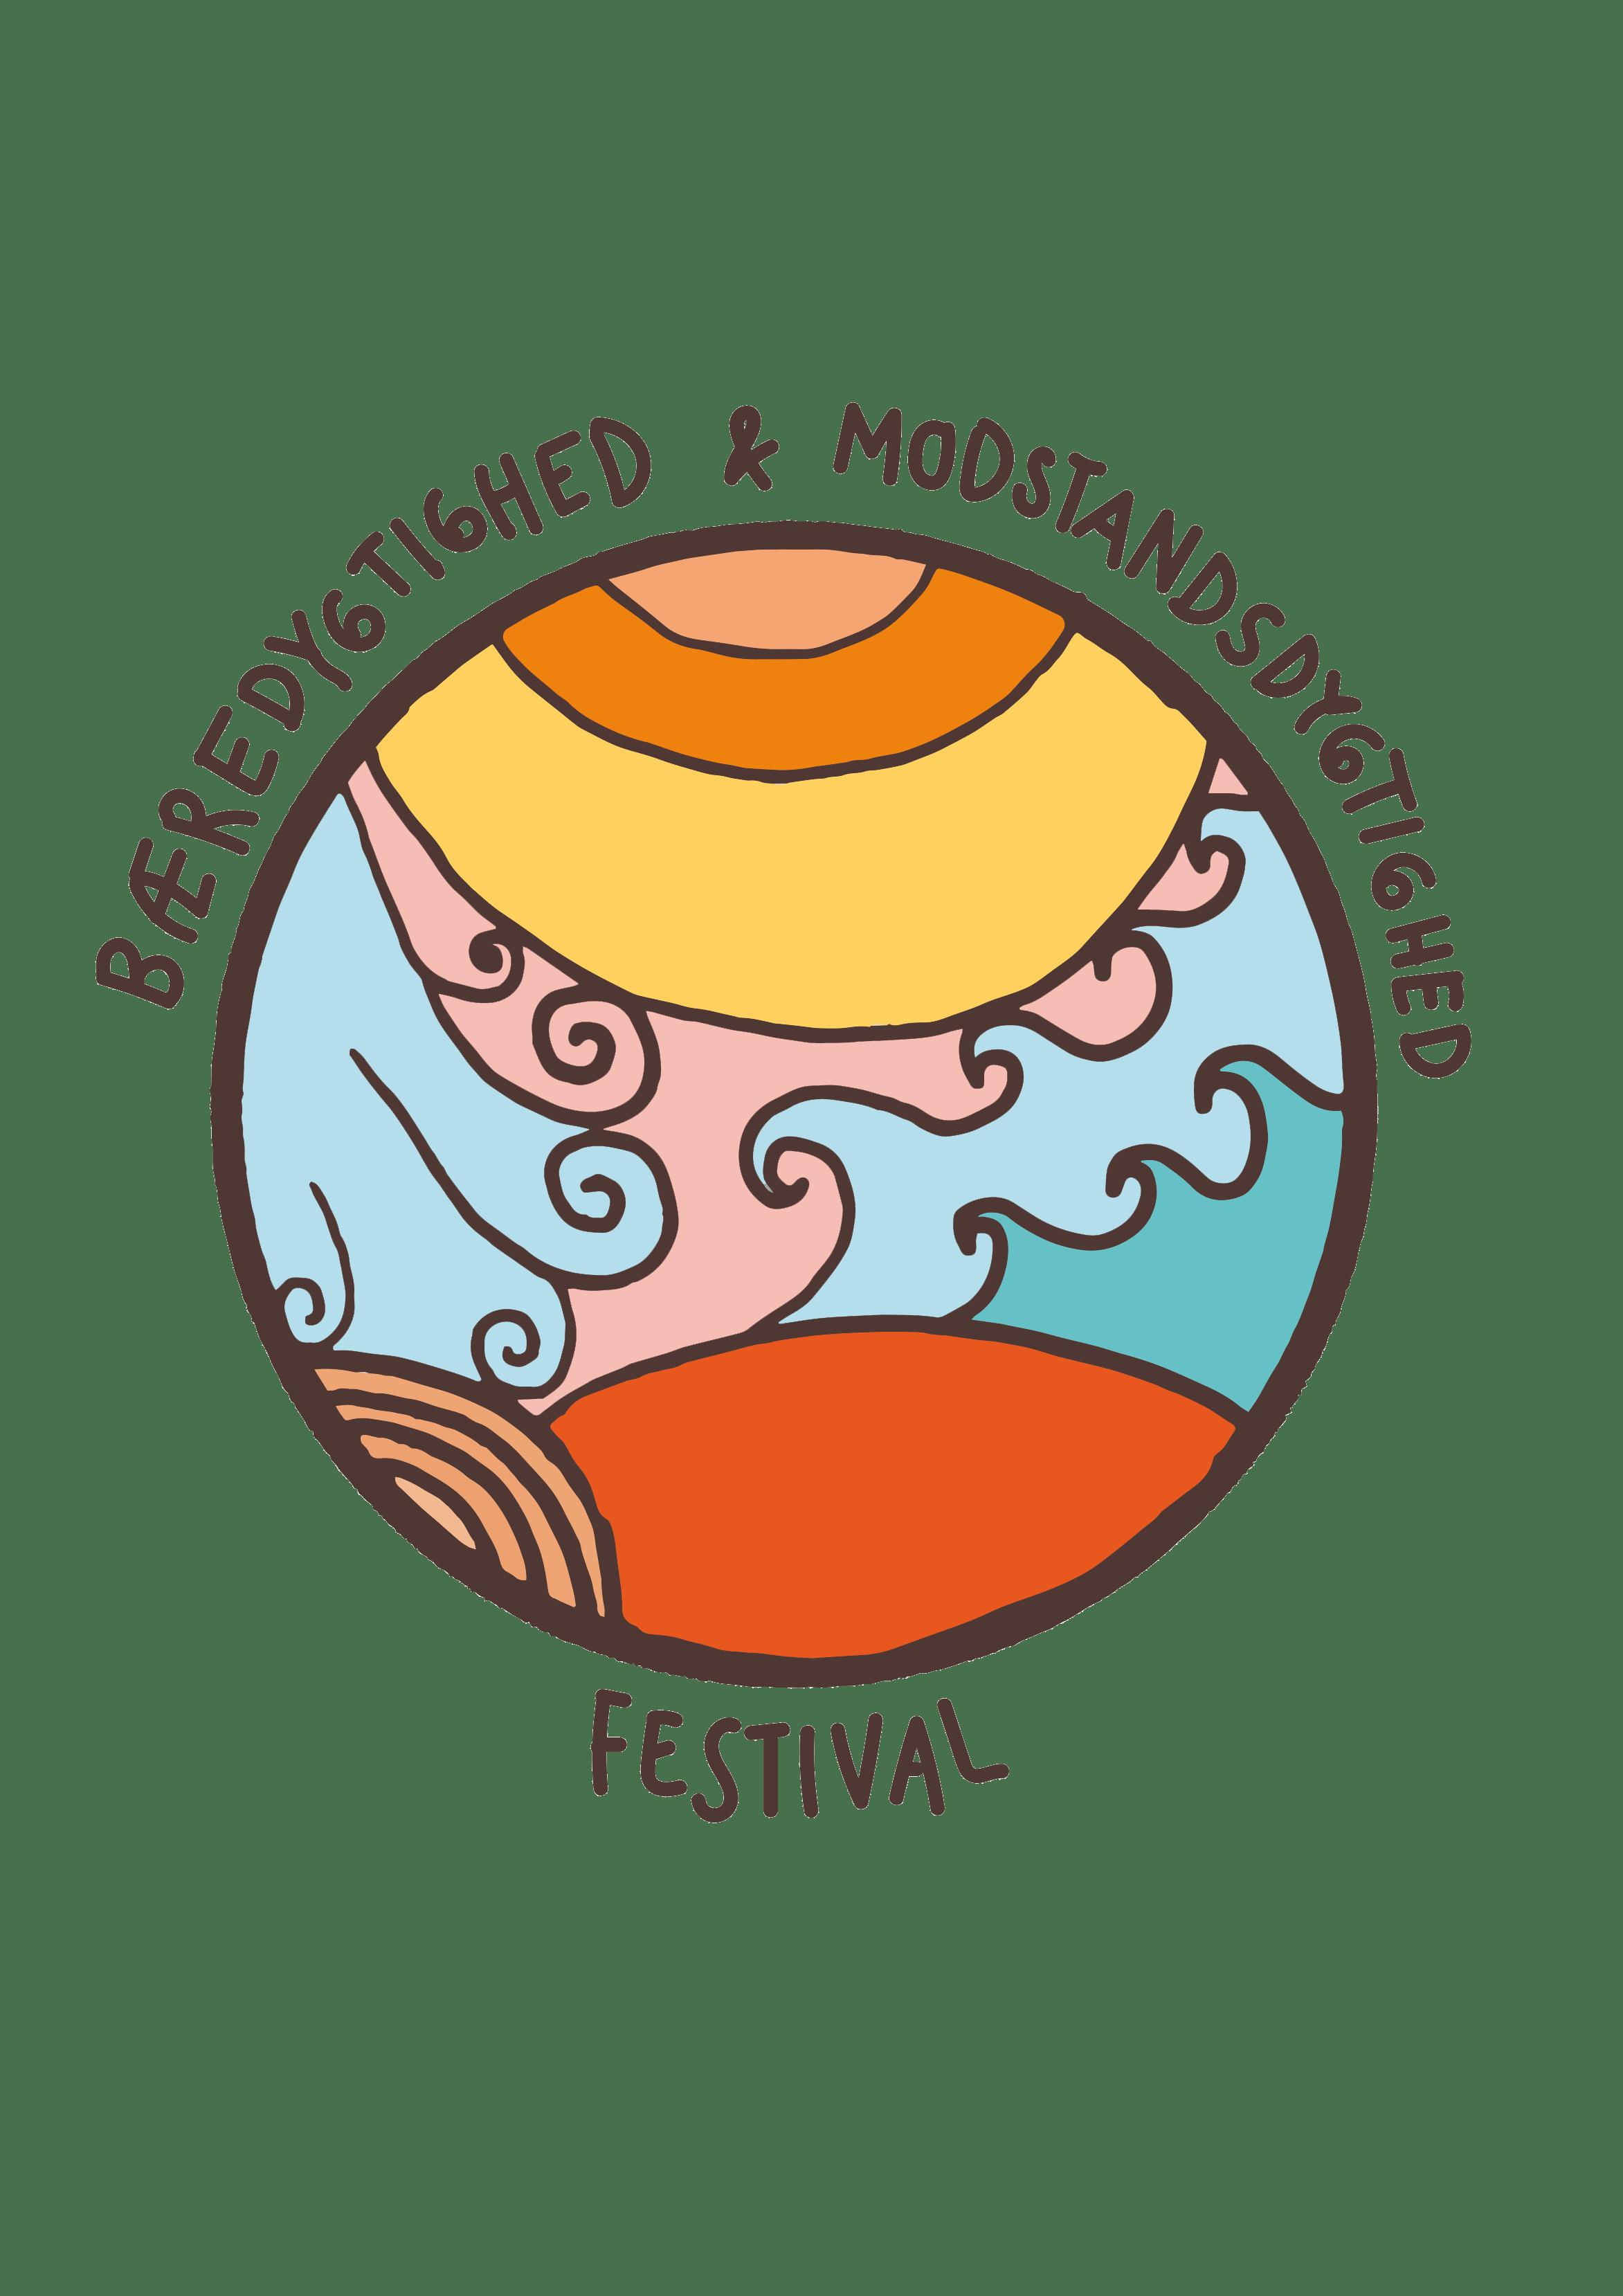 Bæredygtighed – Modstandsdygtighed Festival